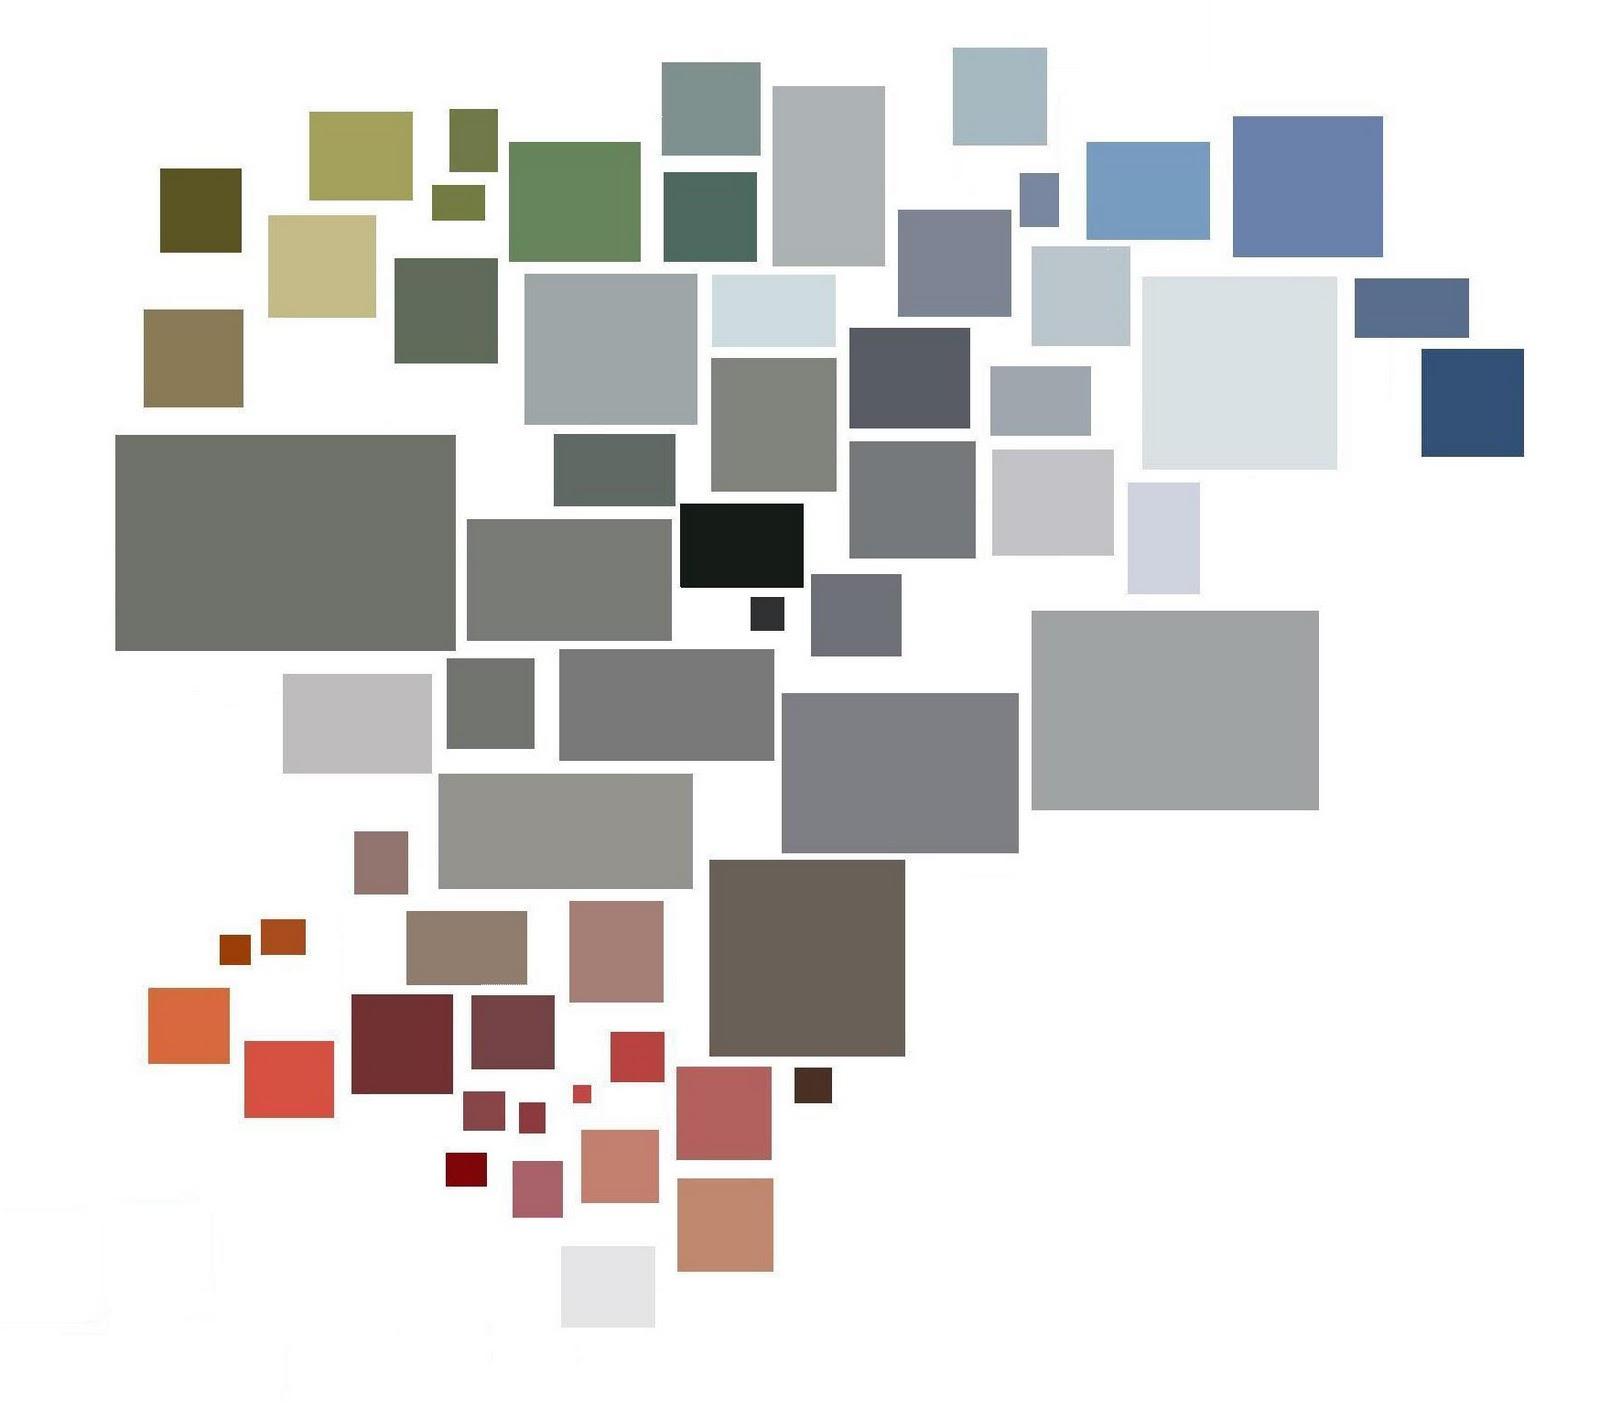 Ar1a elkiegoos blok 3 licht en kleurgebruik - Koele kleuren warme kleuren ...